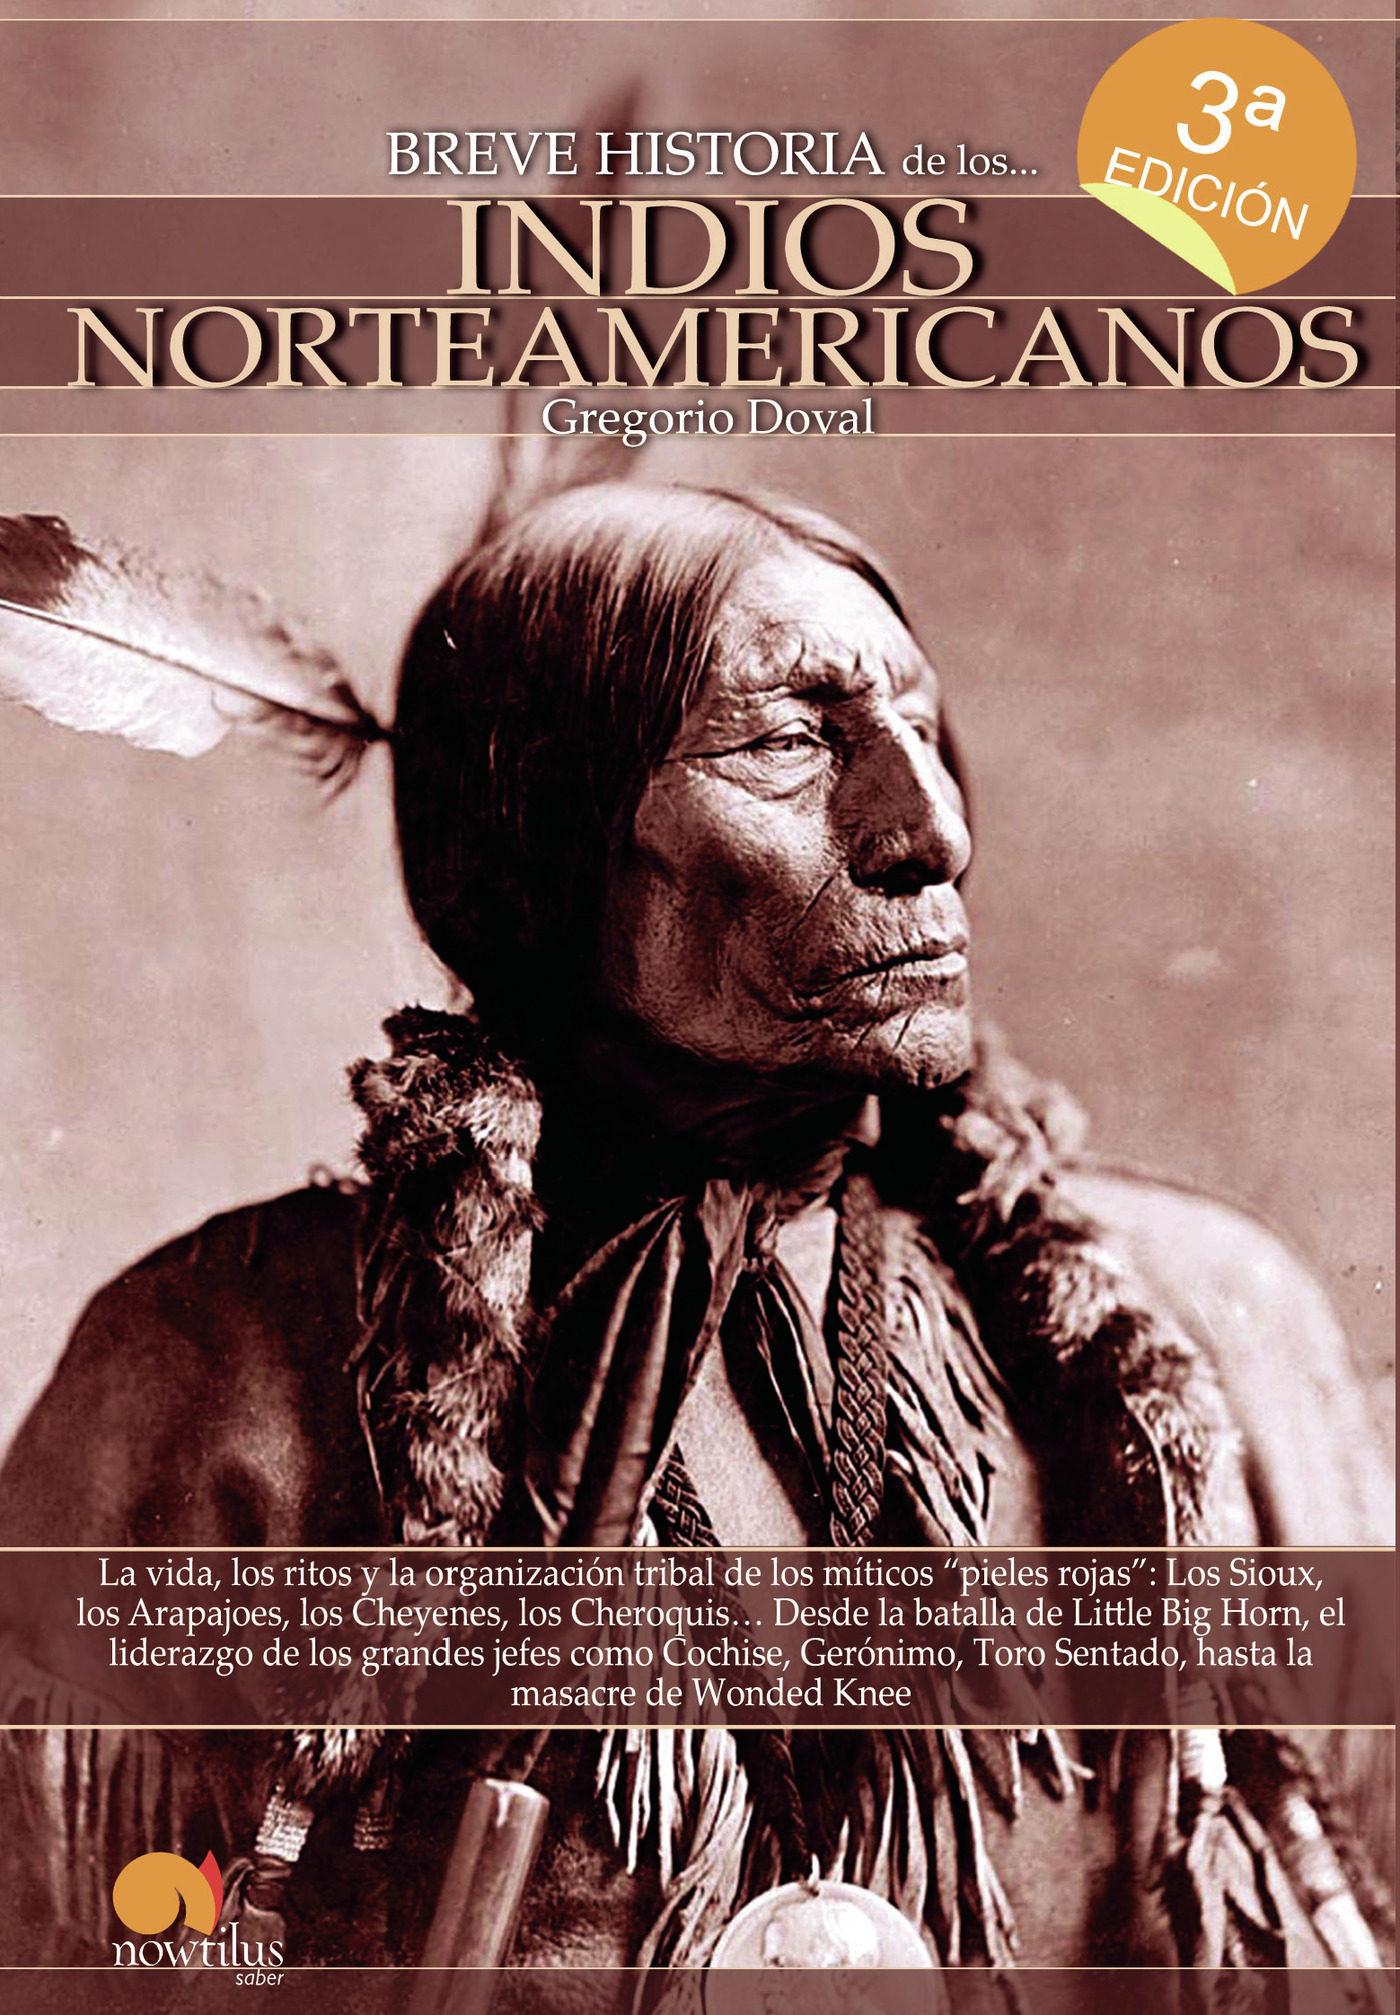 BREVE HISTORIA DE LOS INDIOS NORTEAMERICANOS | GREGORIO DOVAL ...